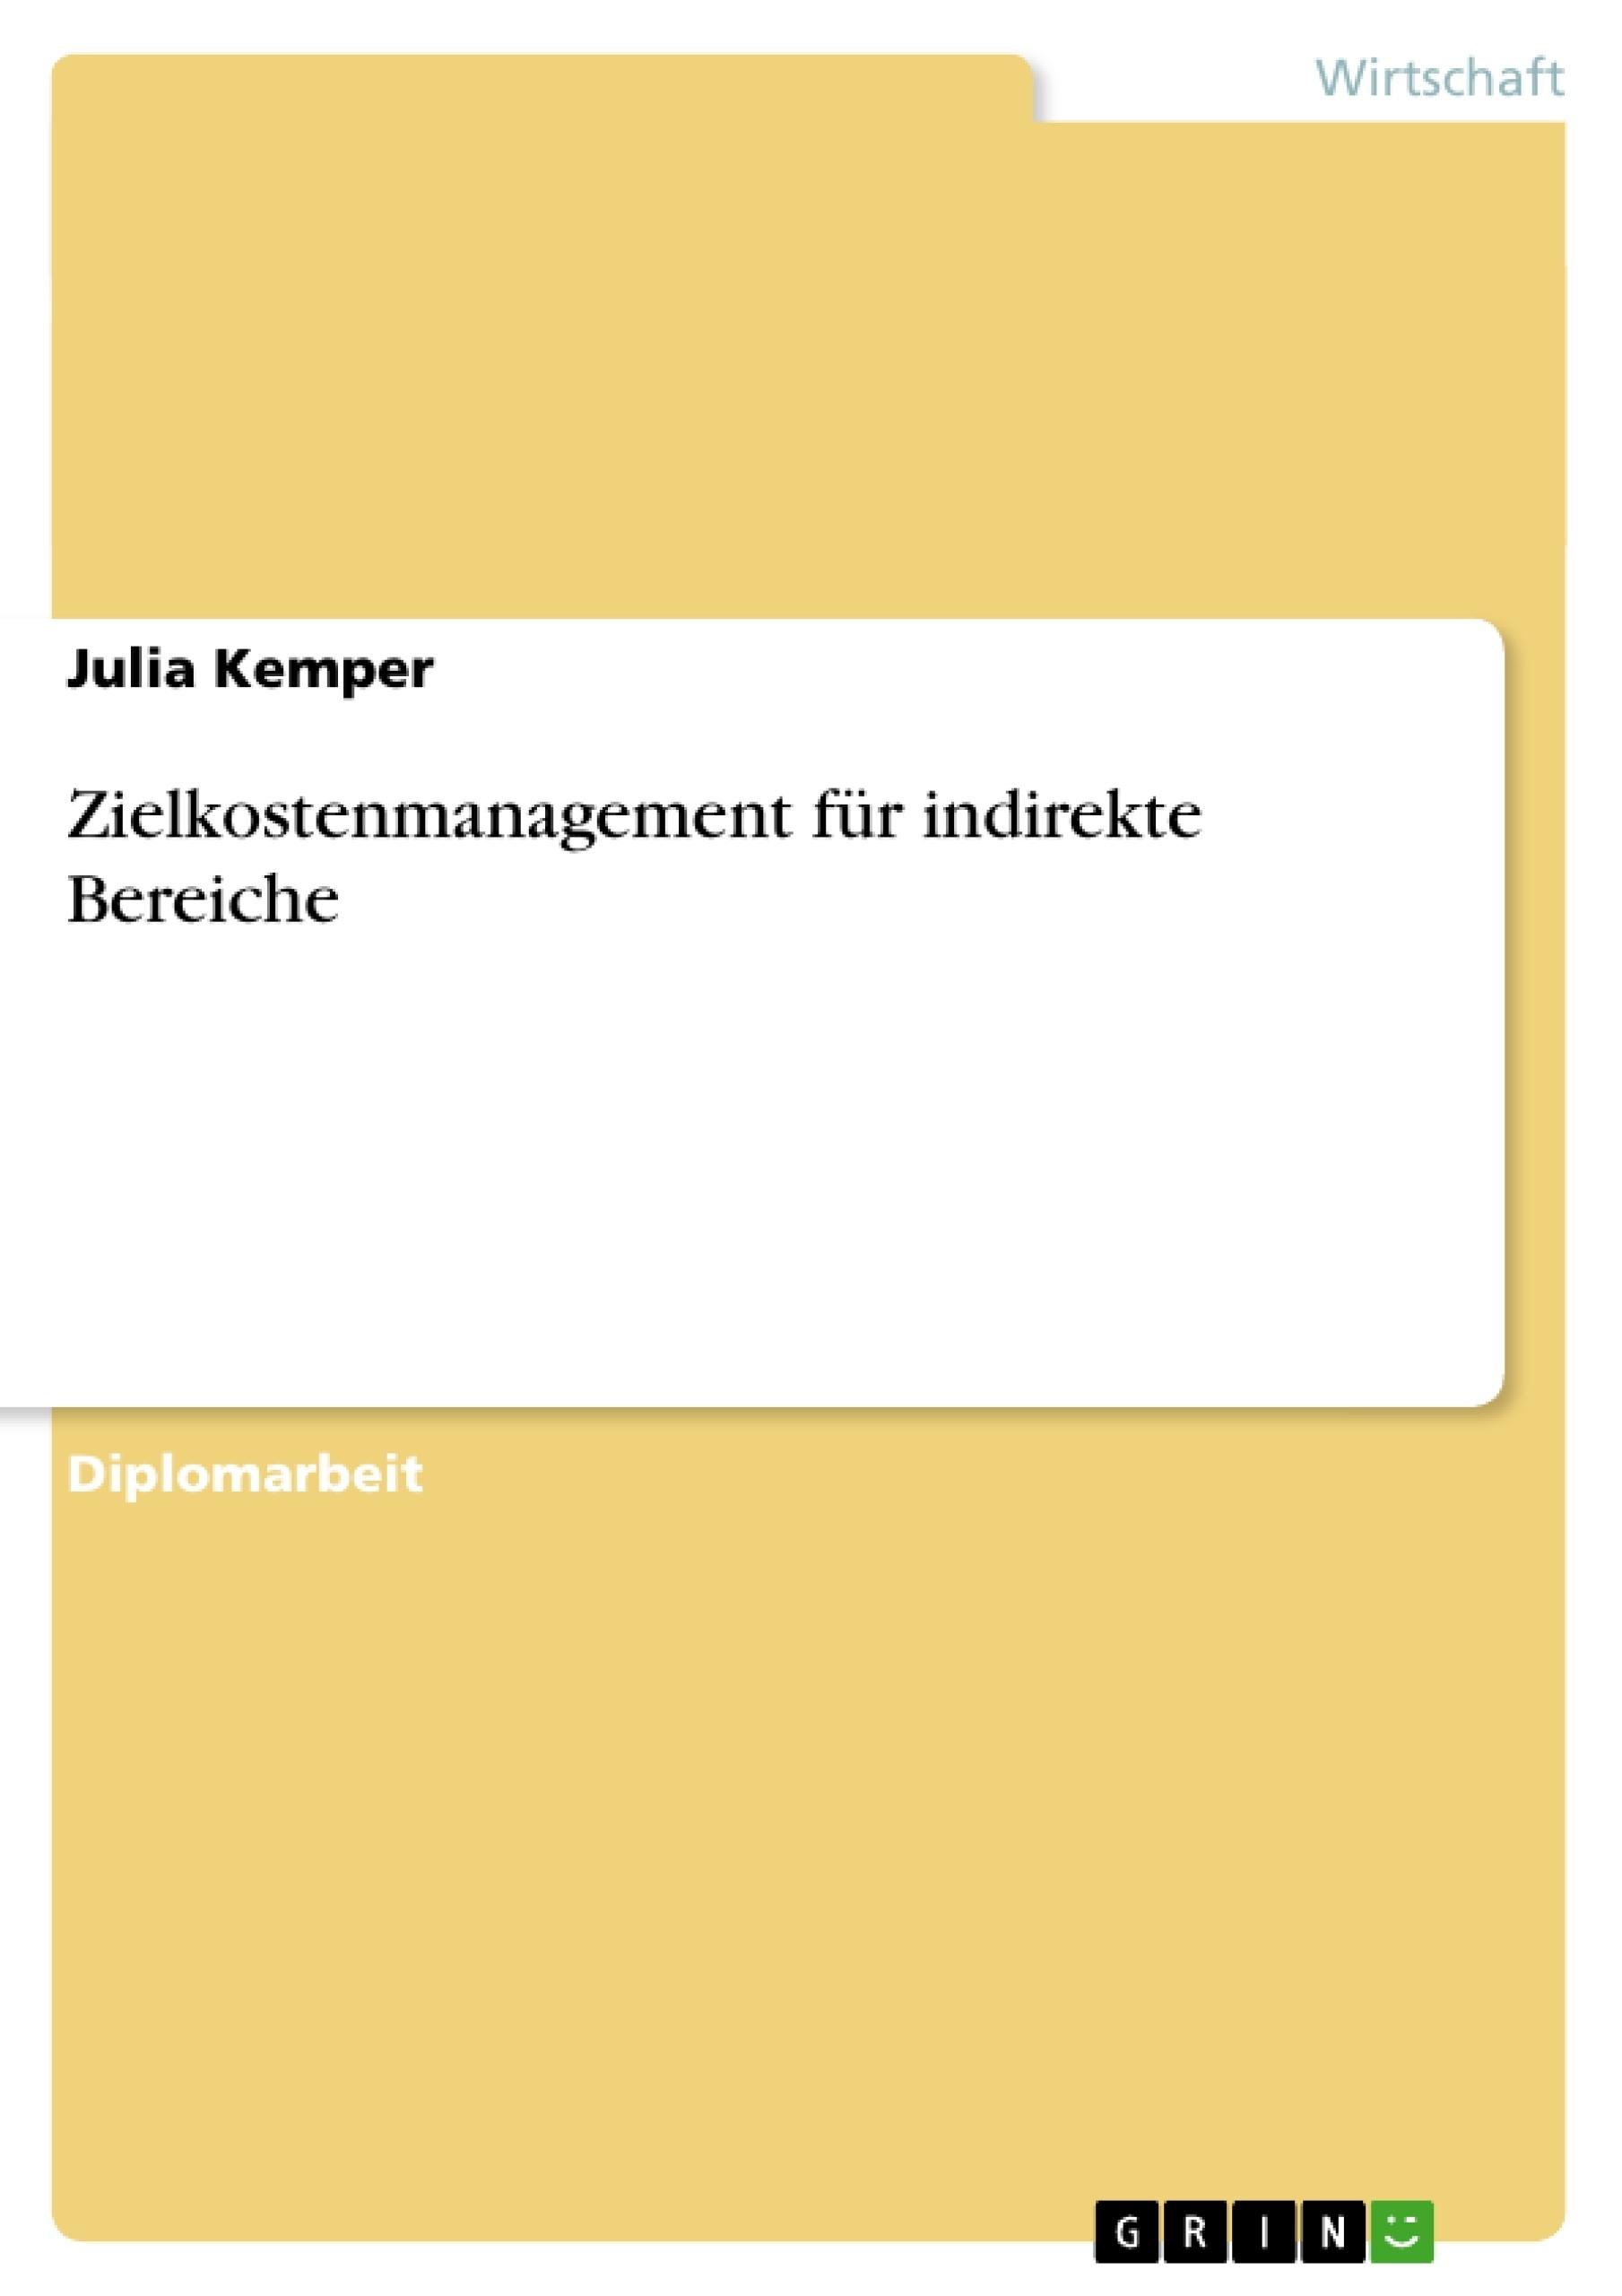 Titel: Zielkostenmanagement für indirekte Bereiche